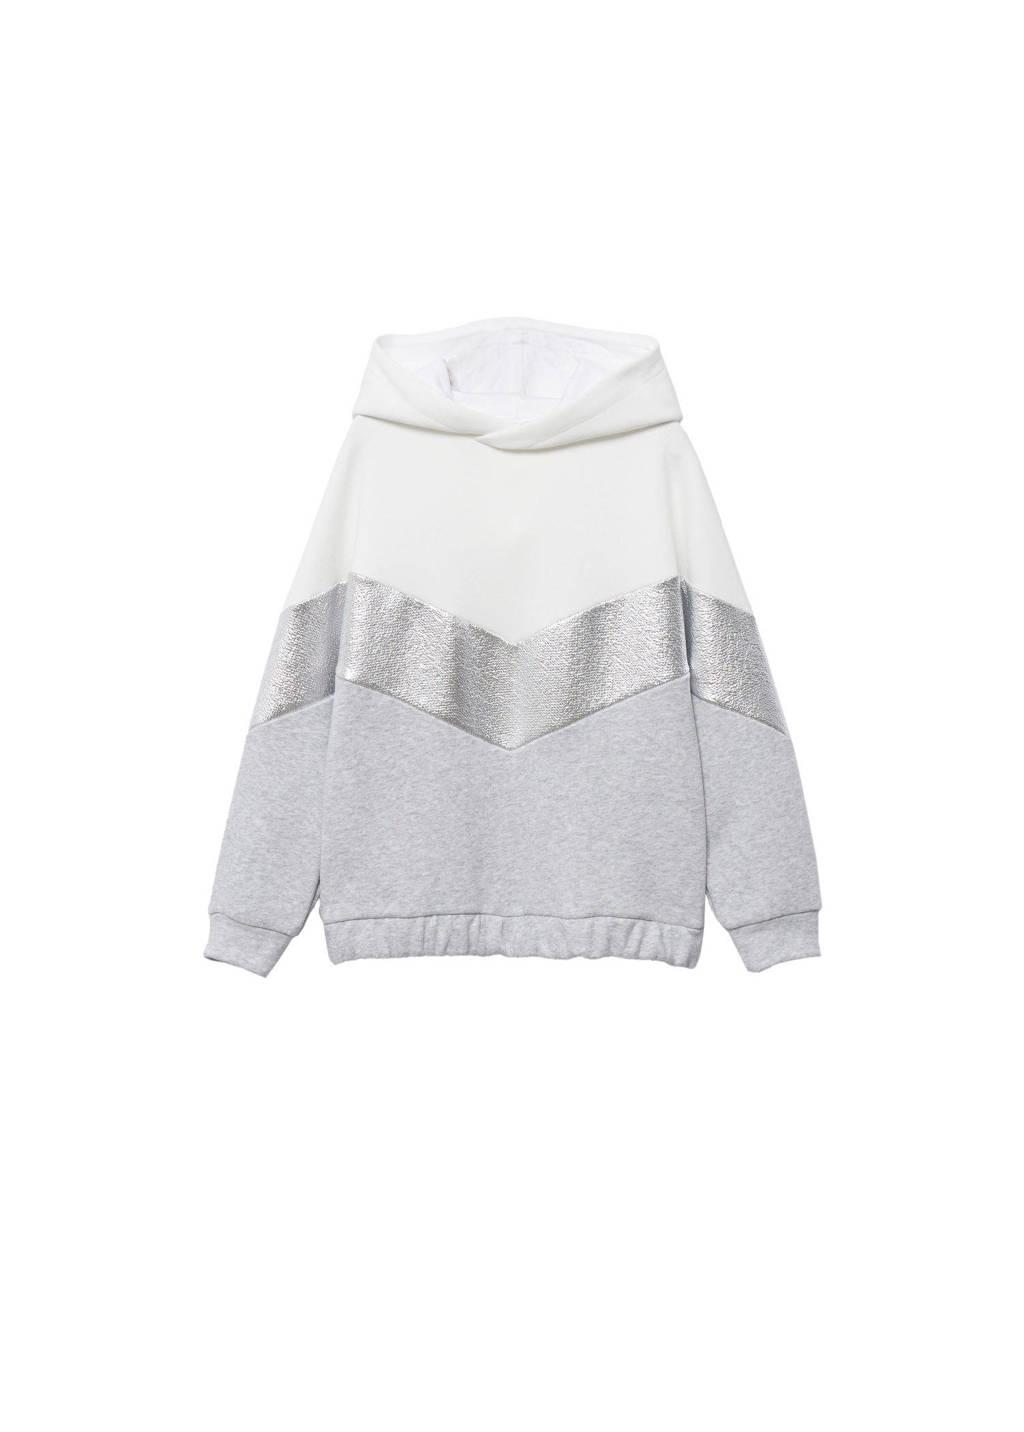 Mango Kids hoodie naturel wit/grijs/zilver, Naturel wit/grijs/zilver